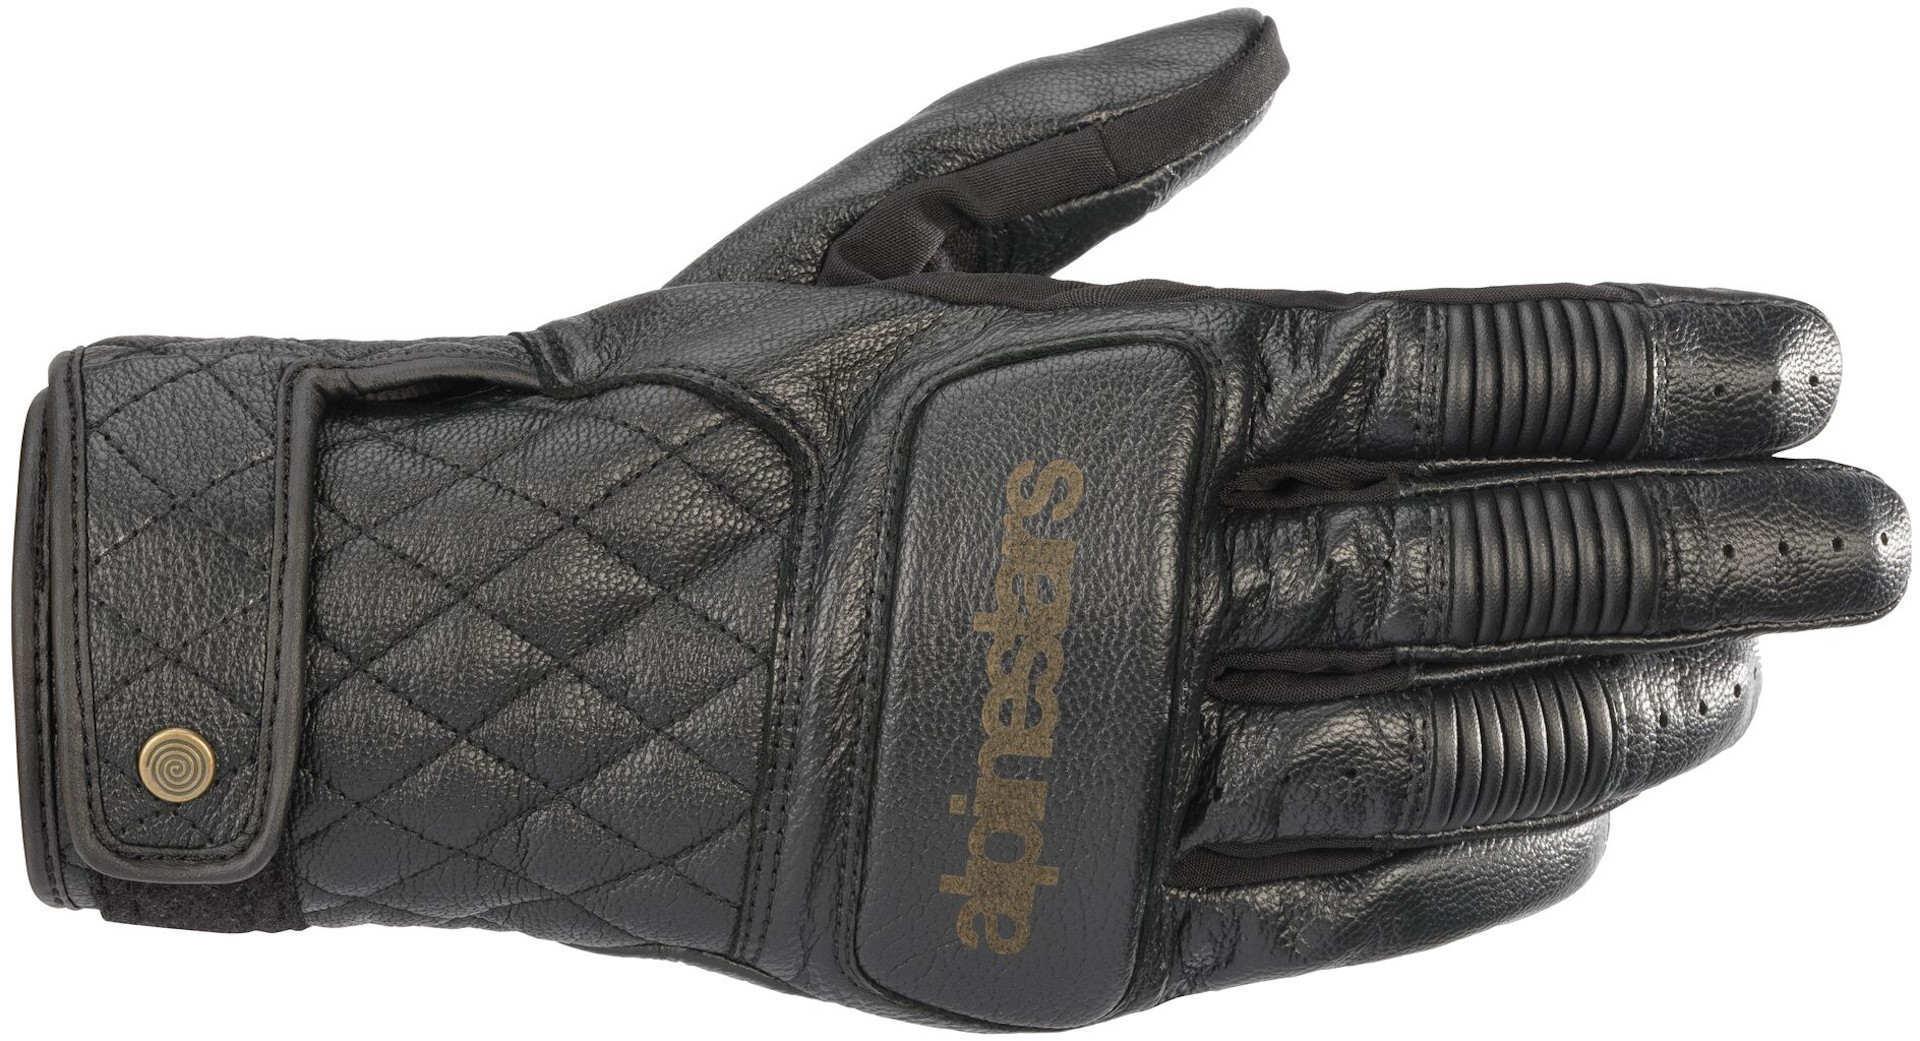 Alpinestars Brass Motorradhandschuhe, schwarz, Größe S, schwarz, Größe S